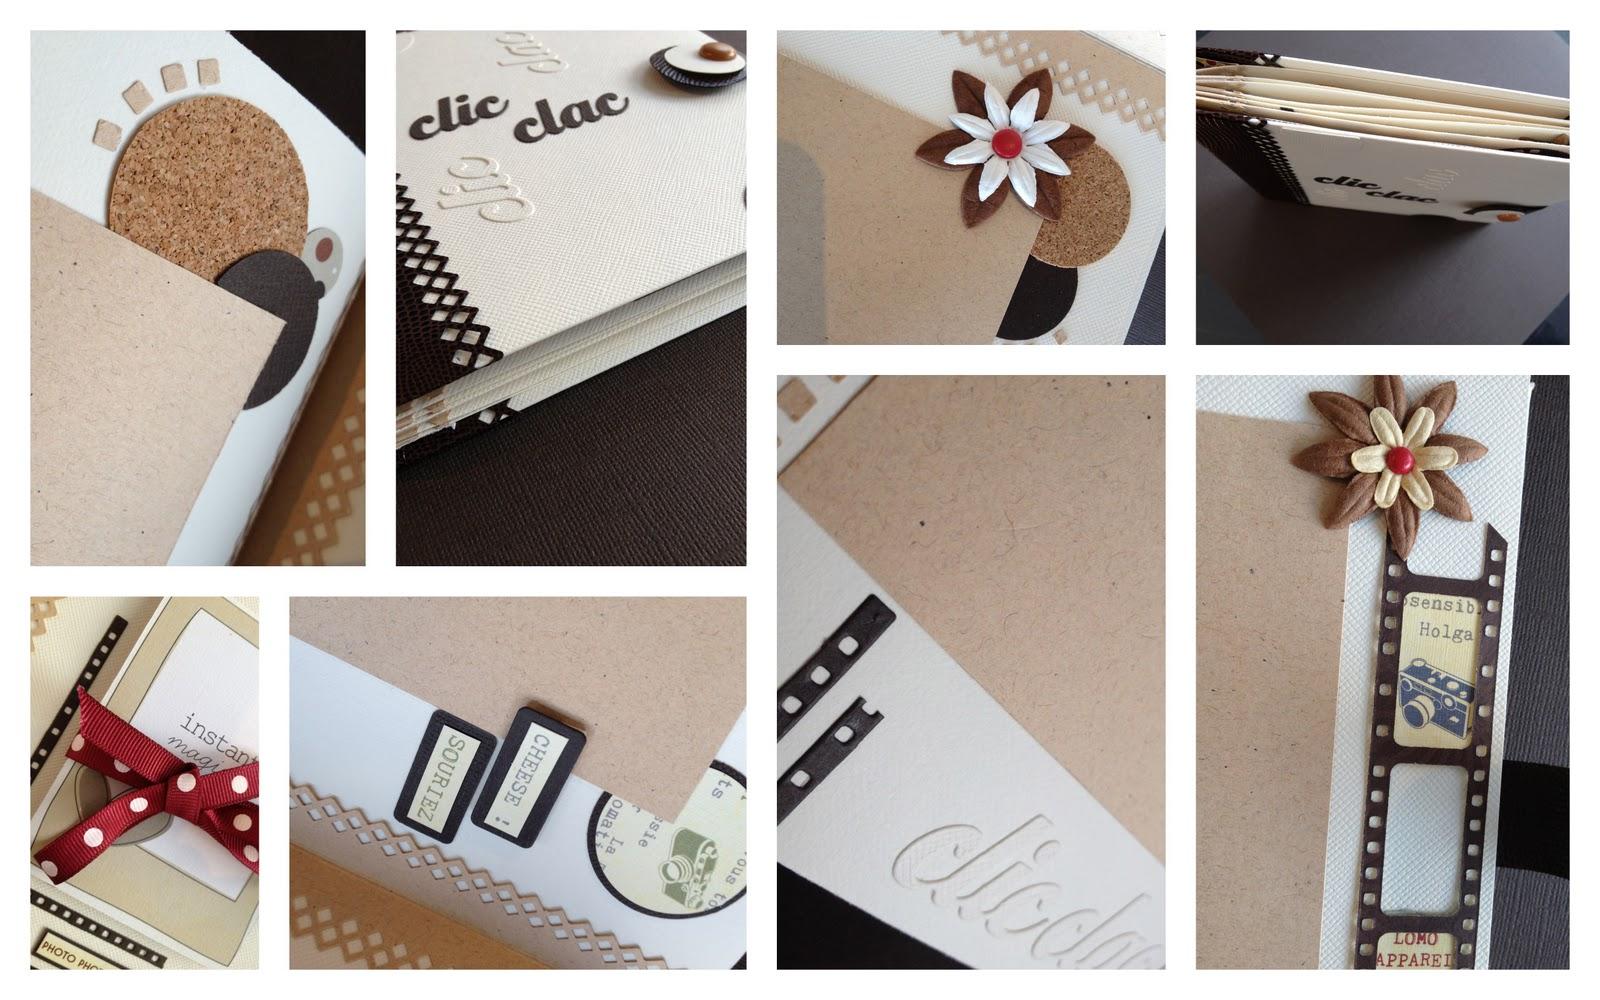 rendez vous scrap atelier mini album clic clac anim par isabelle suchet. Black Bedroom Furniture Sets. Home Design Ideas